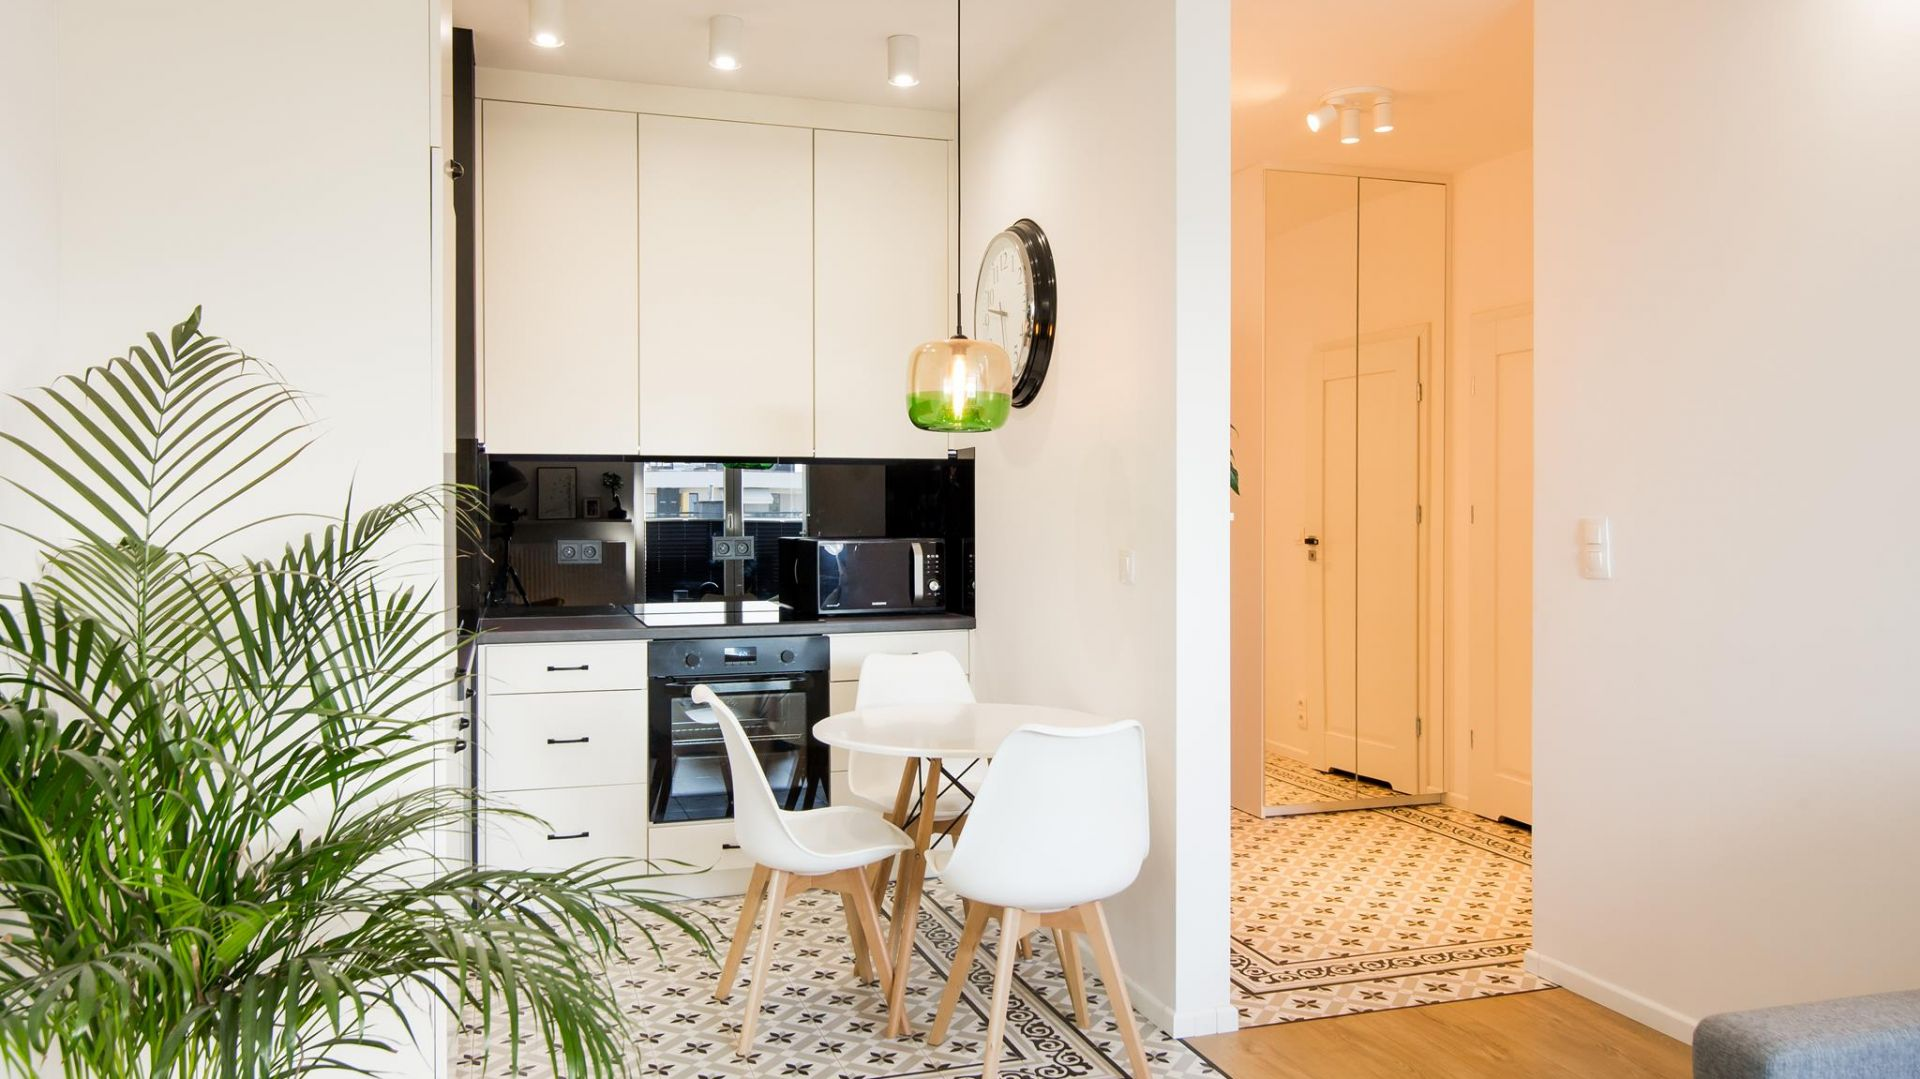 Kuchnia w mieszkaniu. 12 pomysłów na urządzenie. Projekt THE SPACE Fot. Piotr Czaja